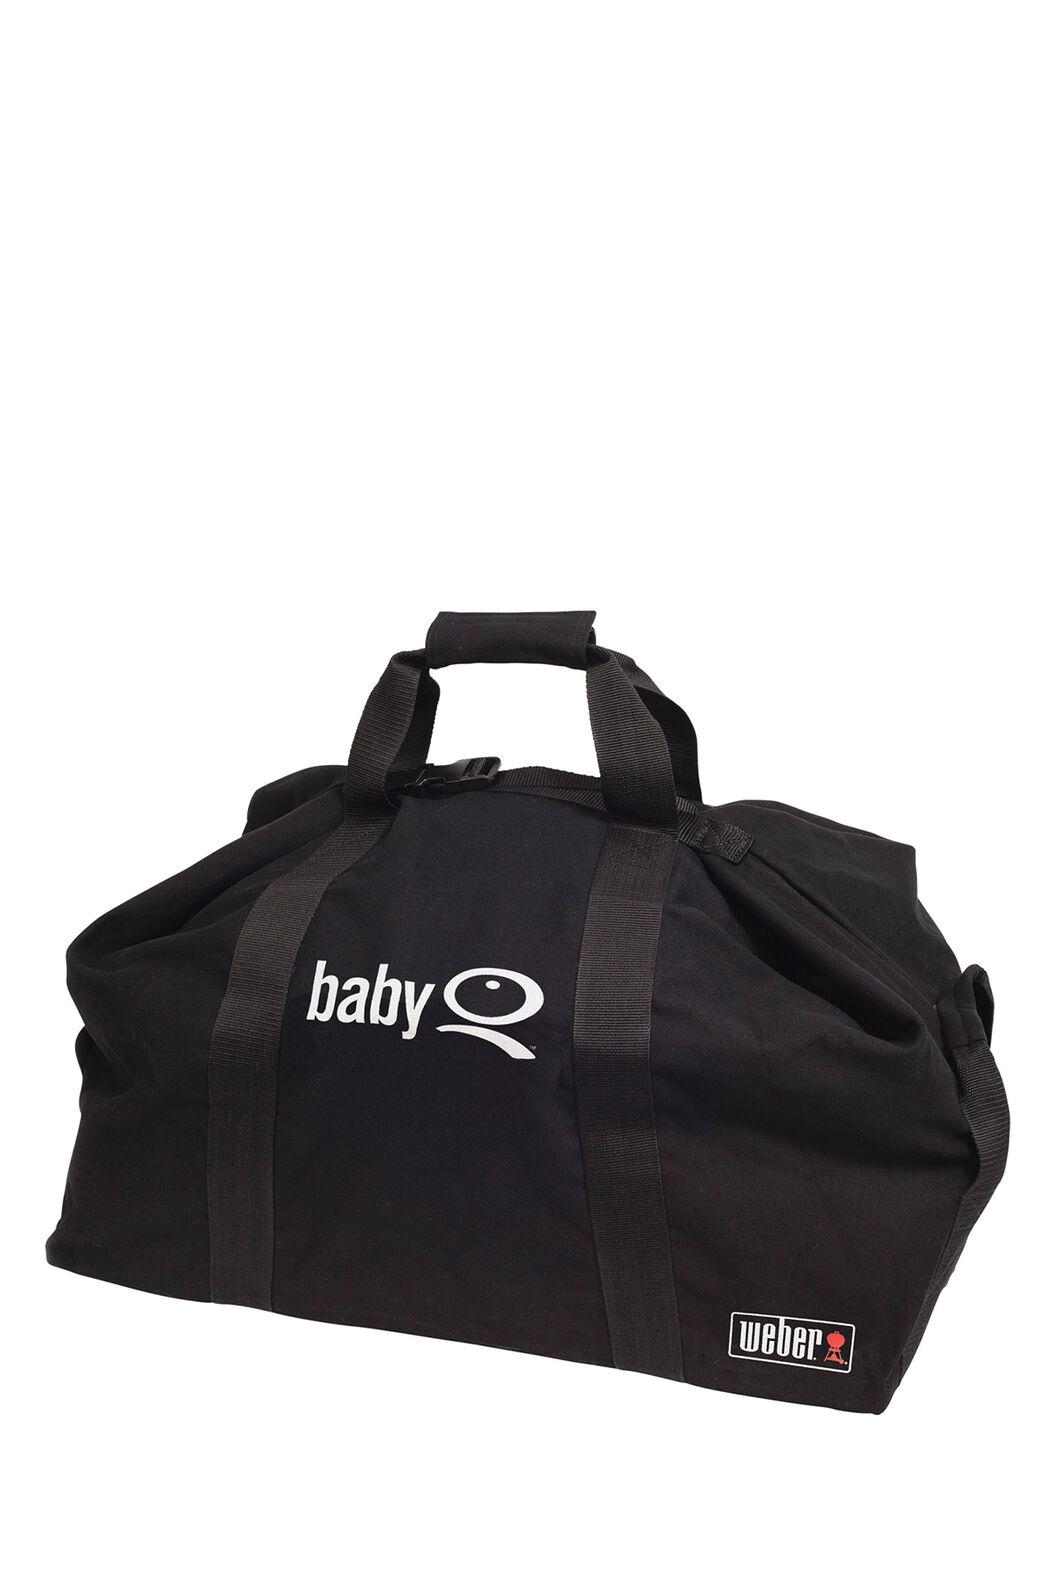 Weber Baby Q Duffle Bag, None, hi-res